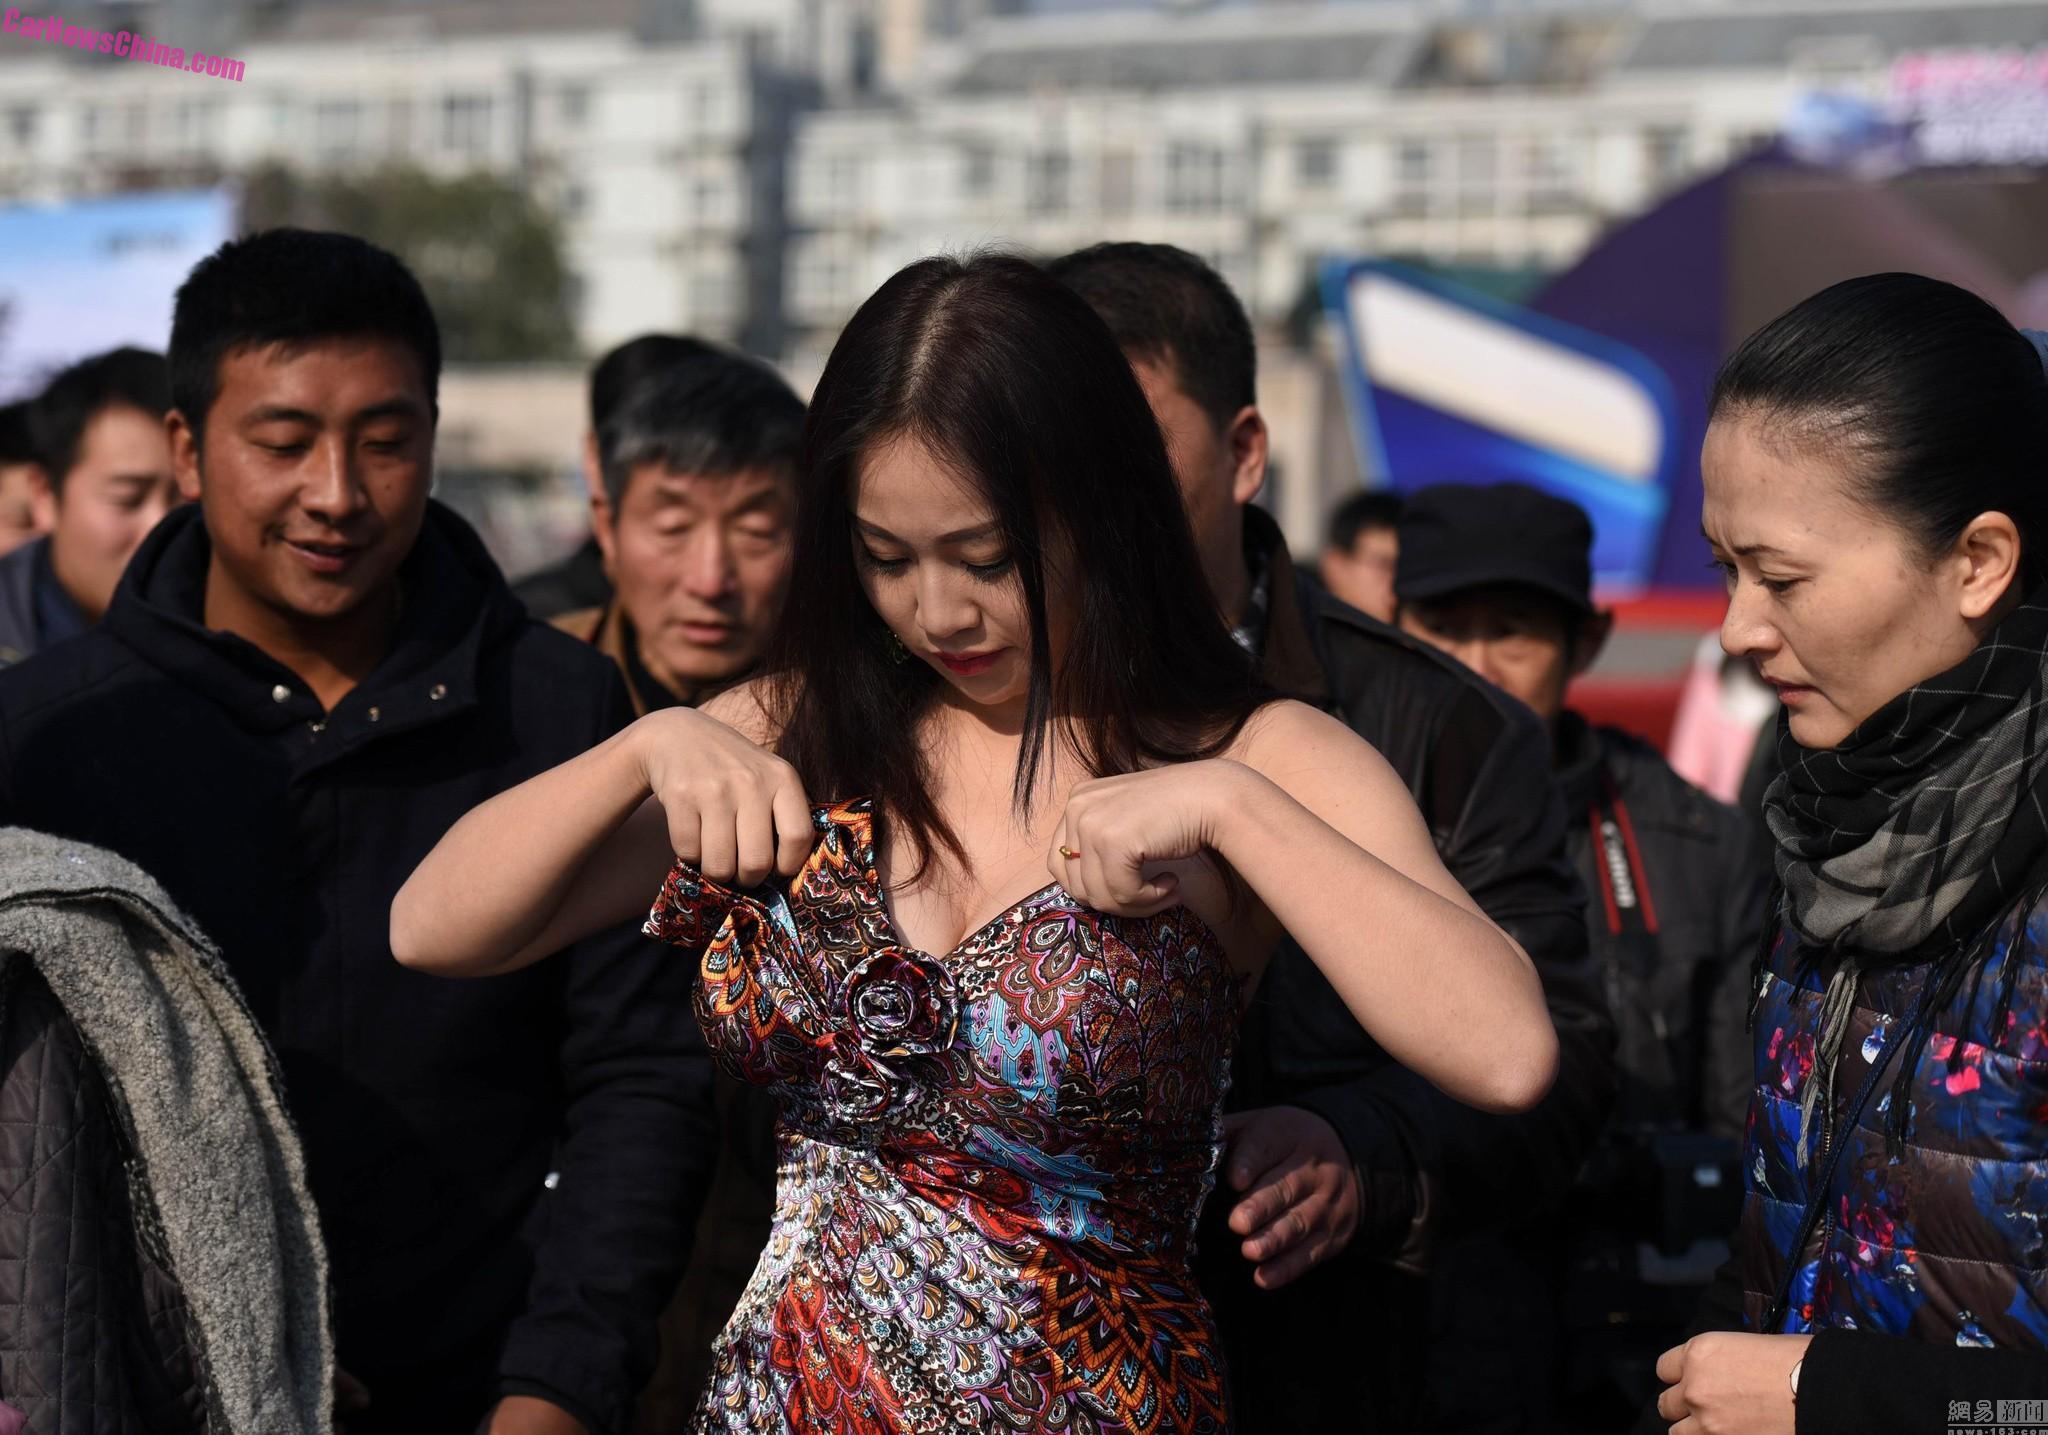 Jiangsu girls